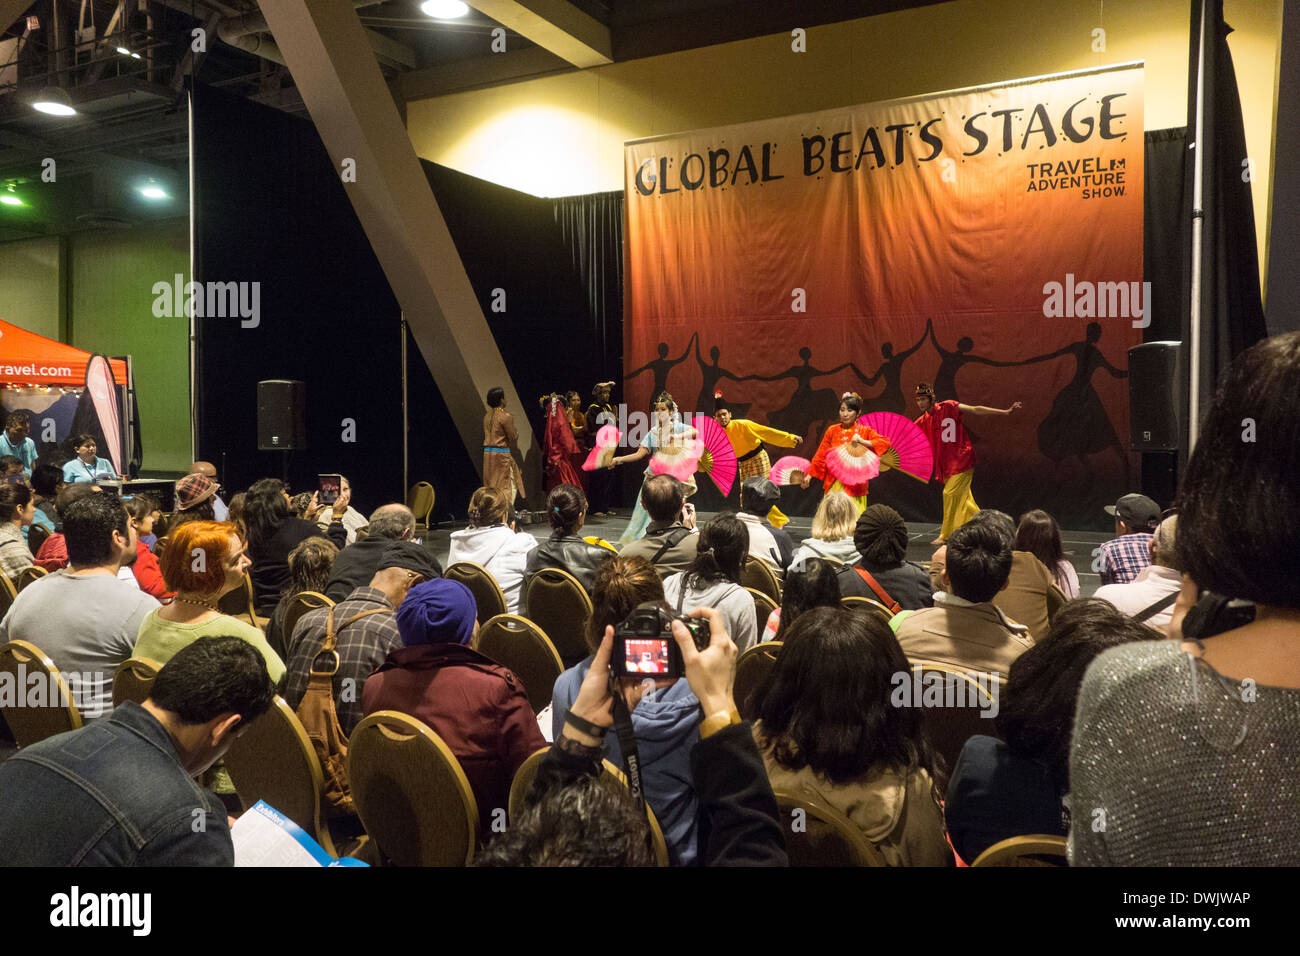 Danza de las danzas asiáticas en traje tradicional en nuestro Travel Trade Show en Los Angeles California Estados Unidos Foto de stock